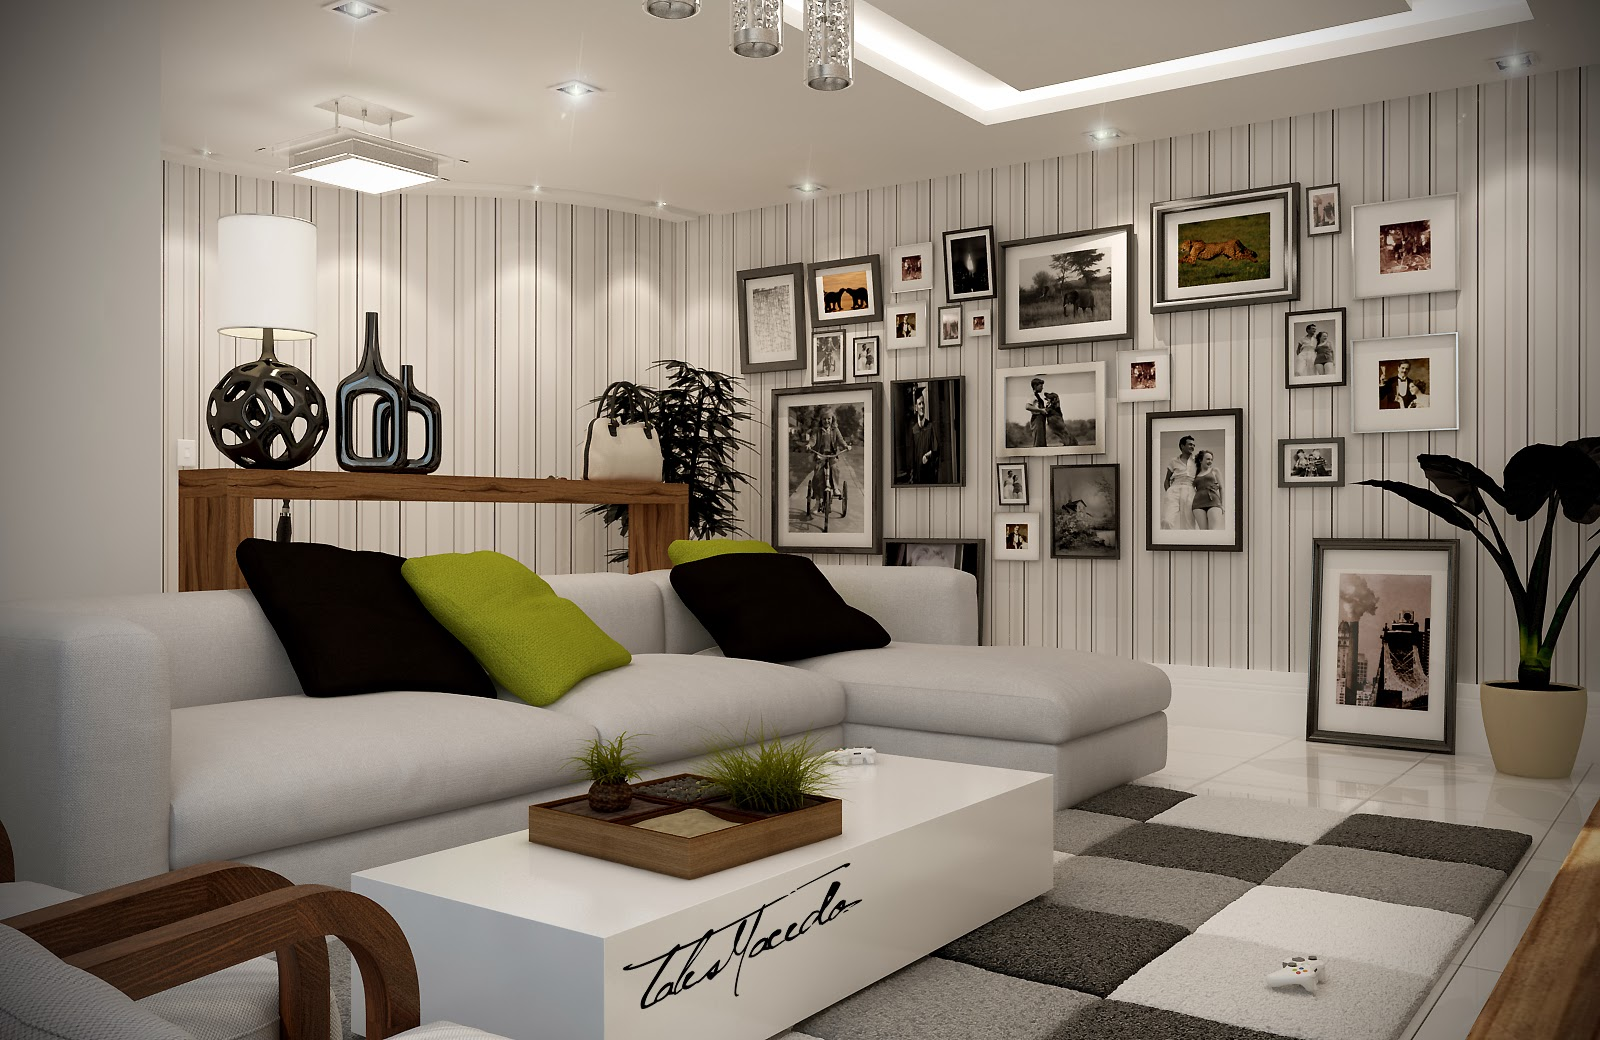 decoracao de interiores tendencias : decoracao de interiores tendencias:para a decoração de interiores. Quase todos eles contribuem para